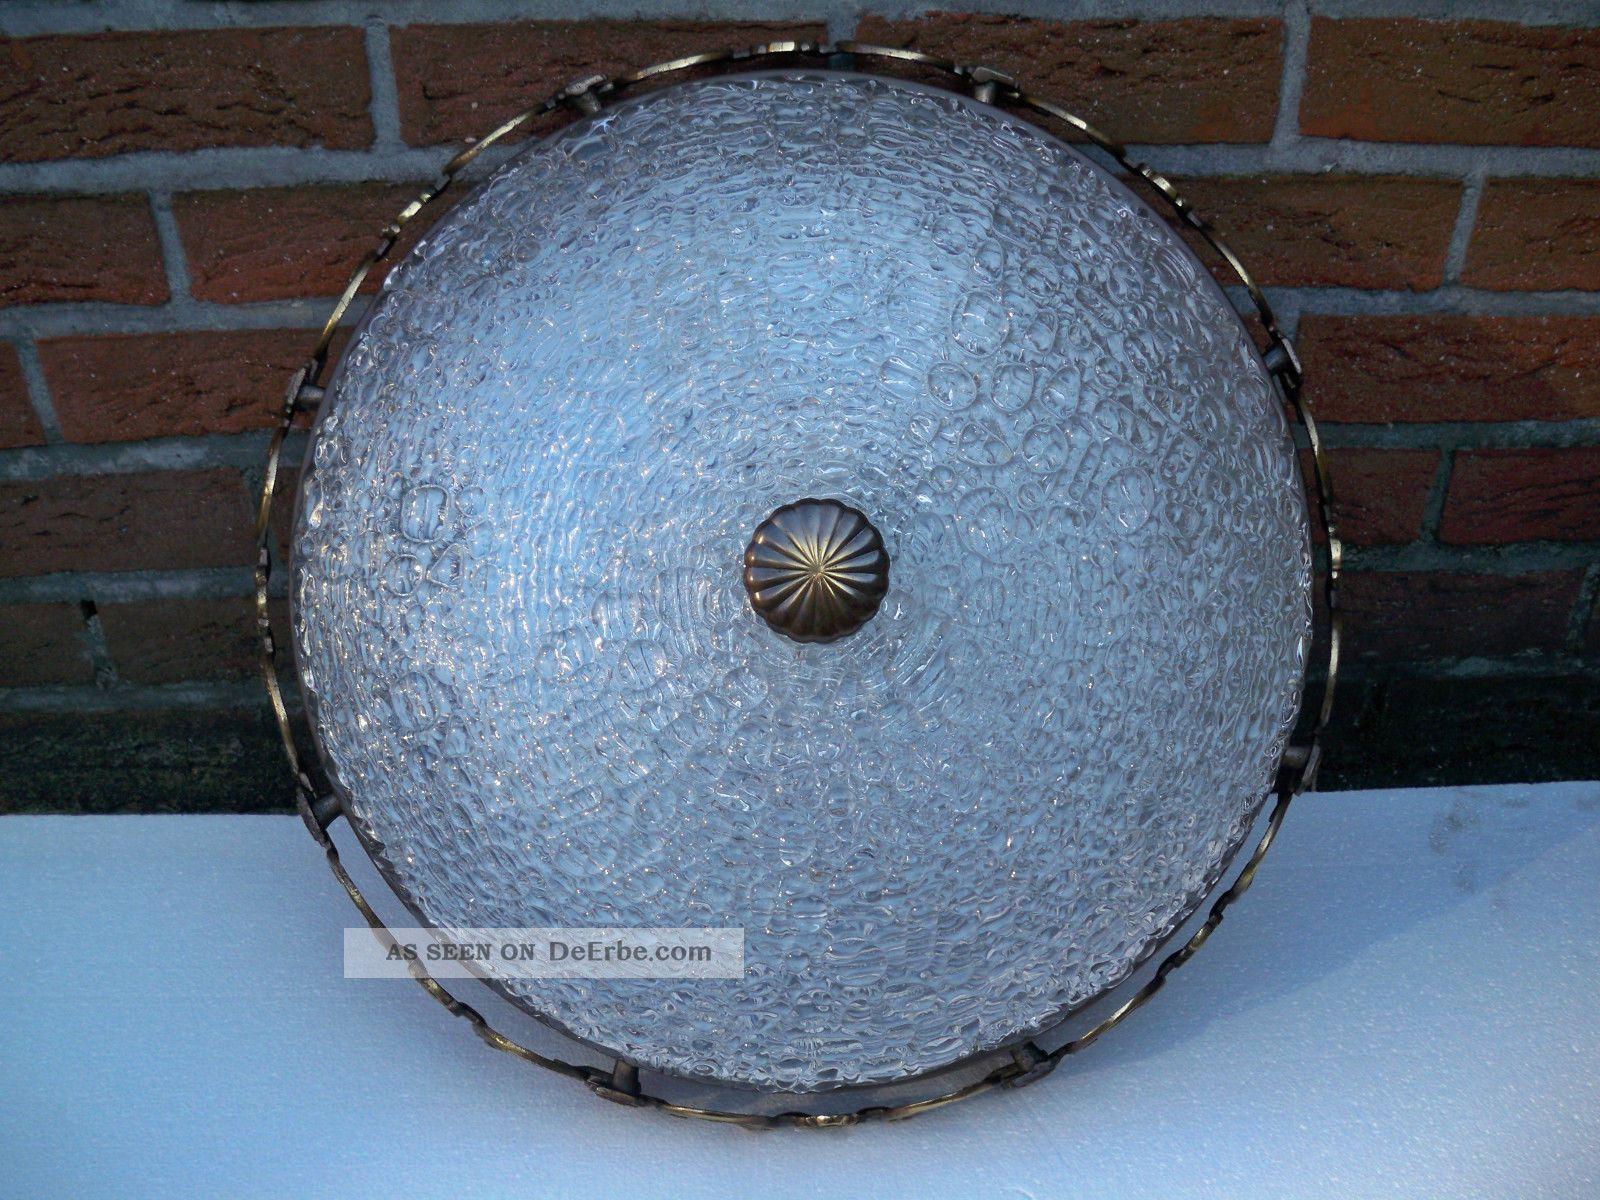 Plafoniere Deckenlampe : Xxl:alte 4 fl. plafoniere deckenlampe deckenleuchte messing bronze